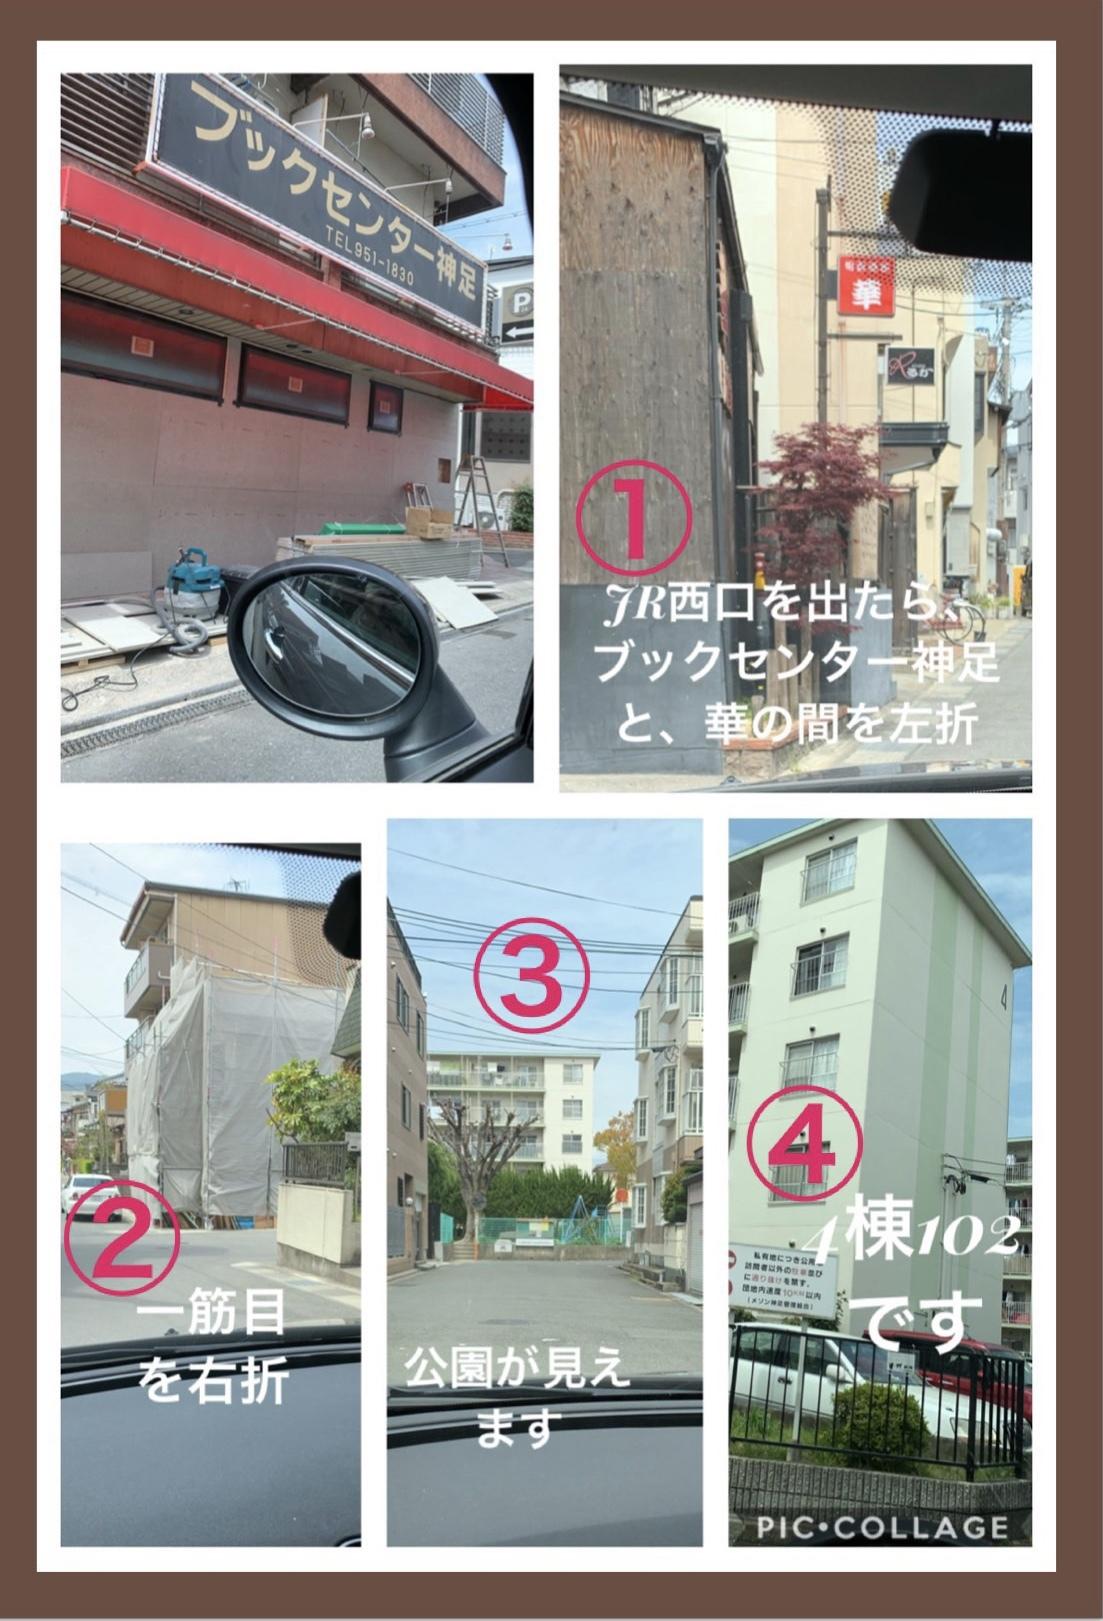 京都 hidamari アトリエまでの地図詳細_e0237680_10444051.jpg